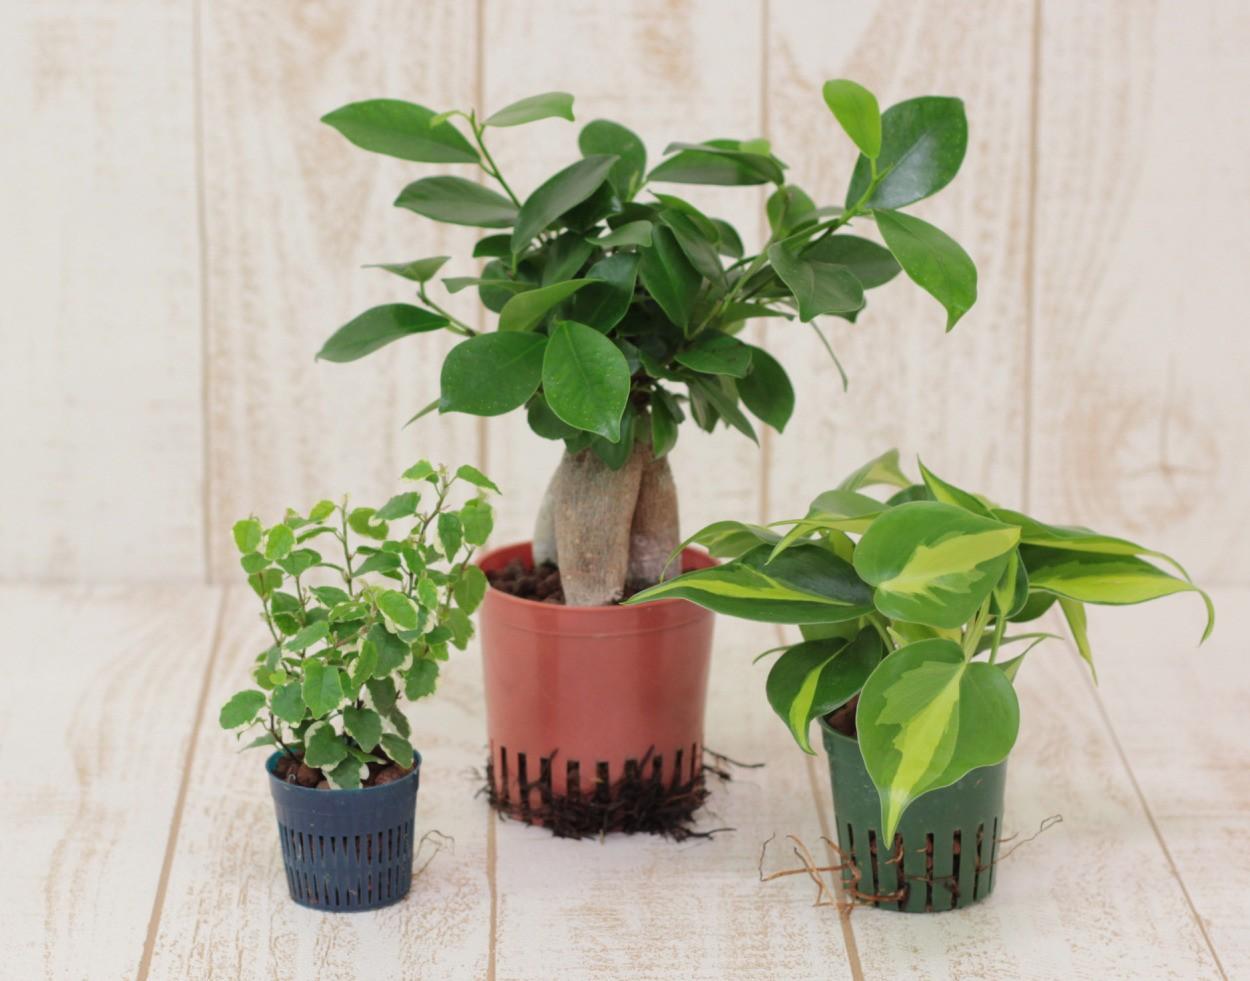 土を使わずに植物を育てる水耕栽培【ハイドロカルチャー】